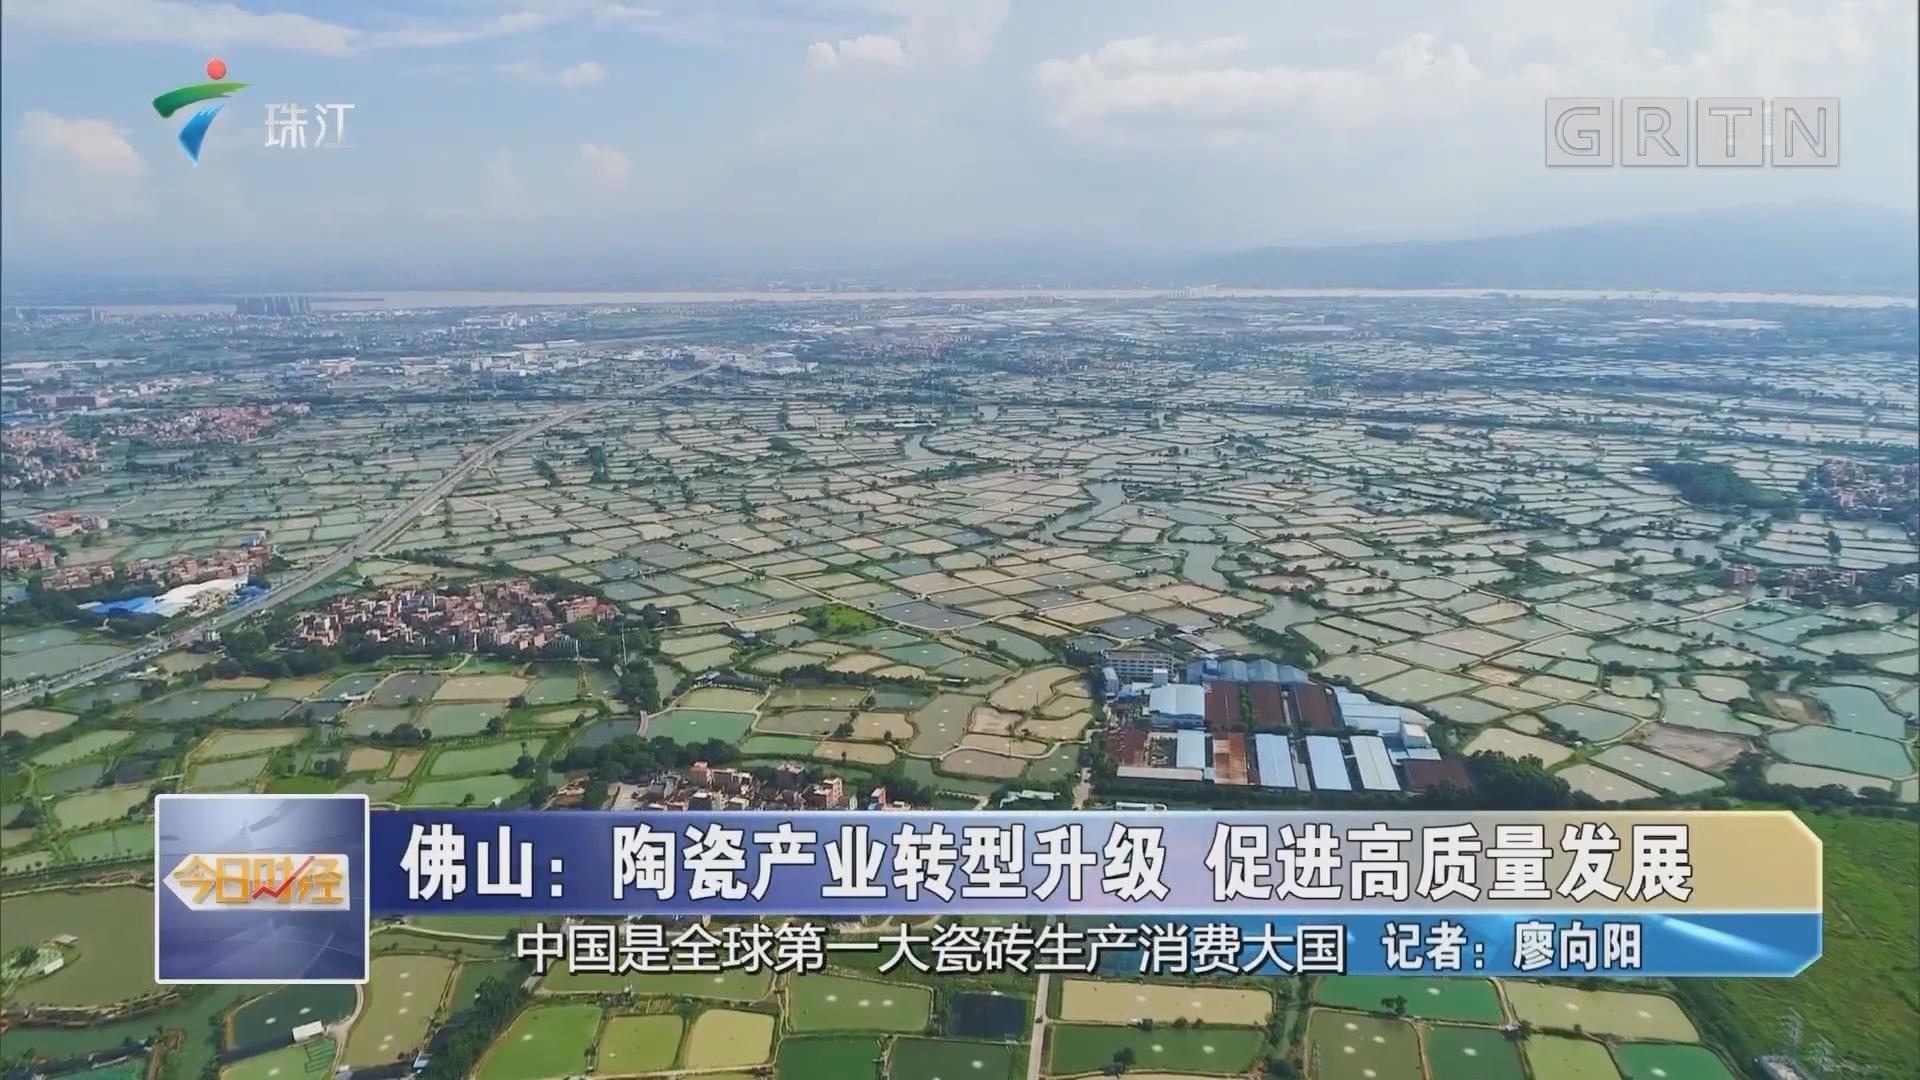 佛山:陶瓷产业转型升级 促进高质量发展